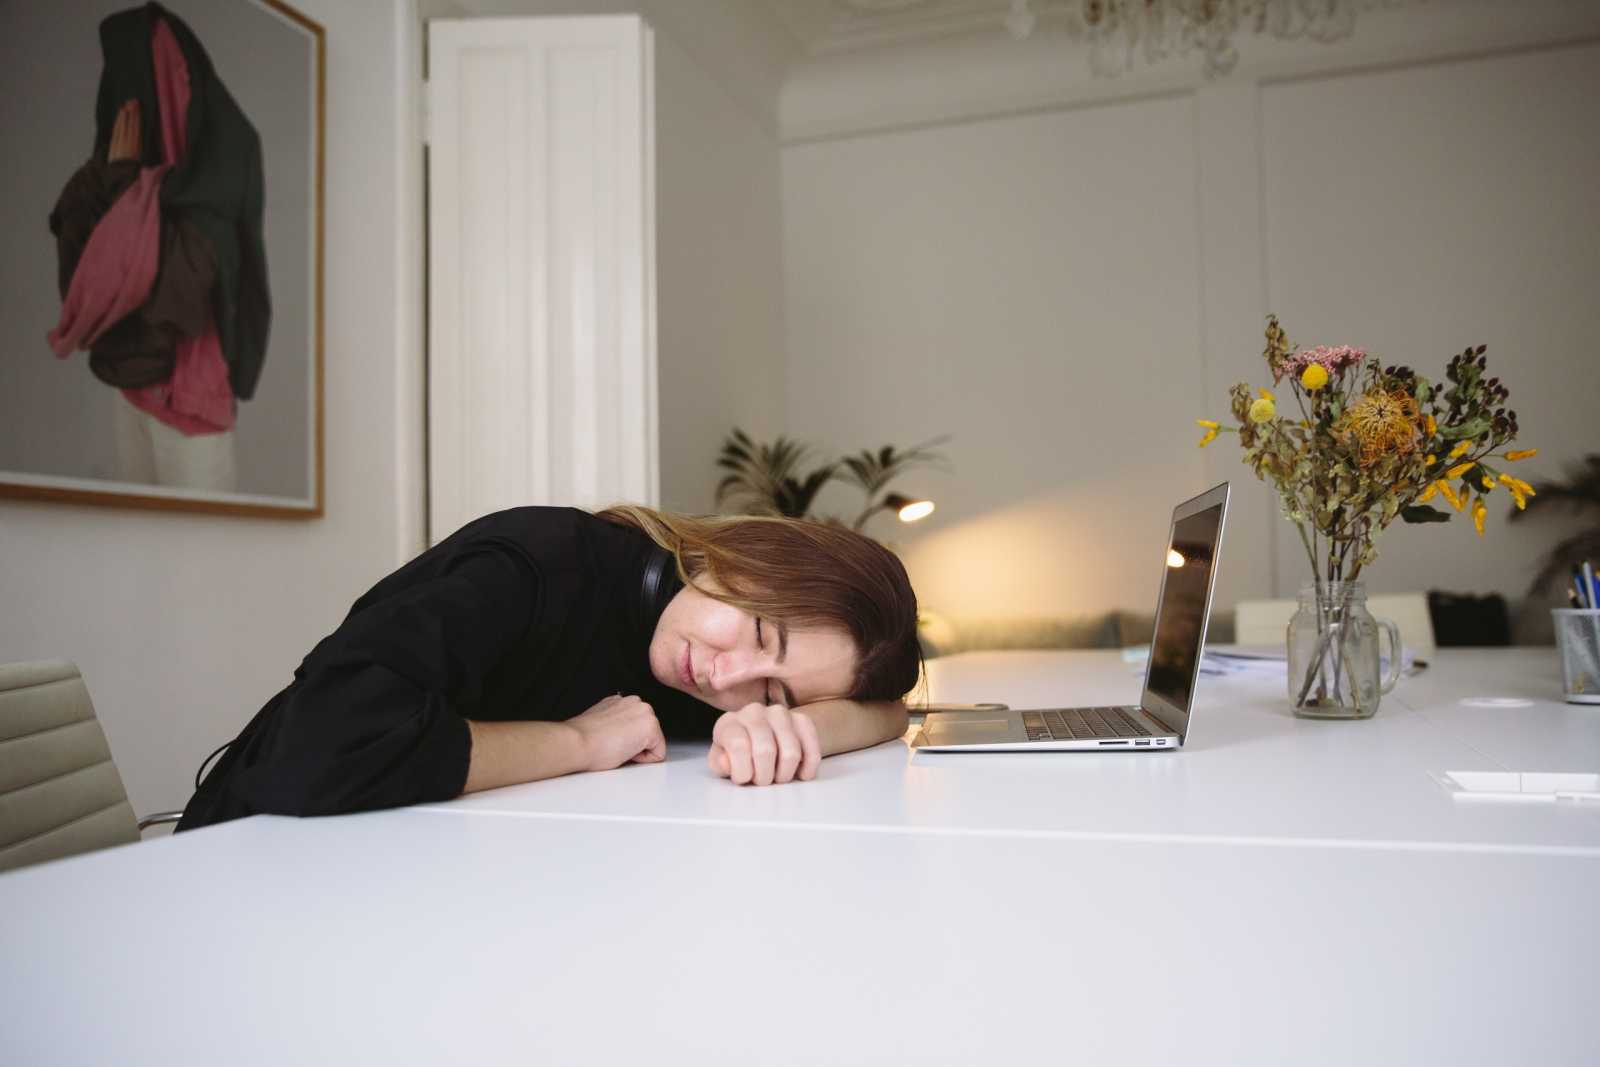 slaap belangrijk weerstand